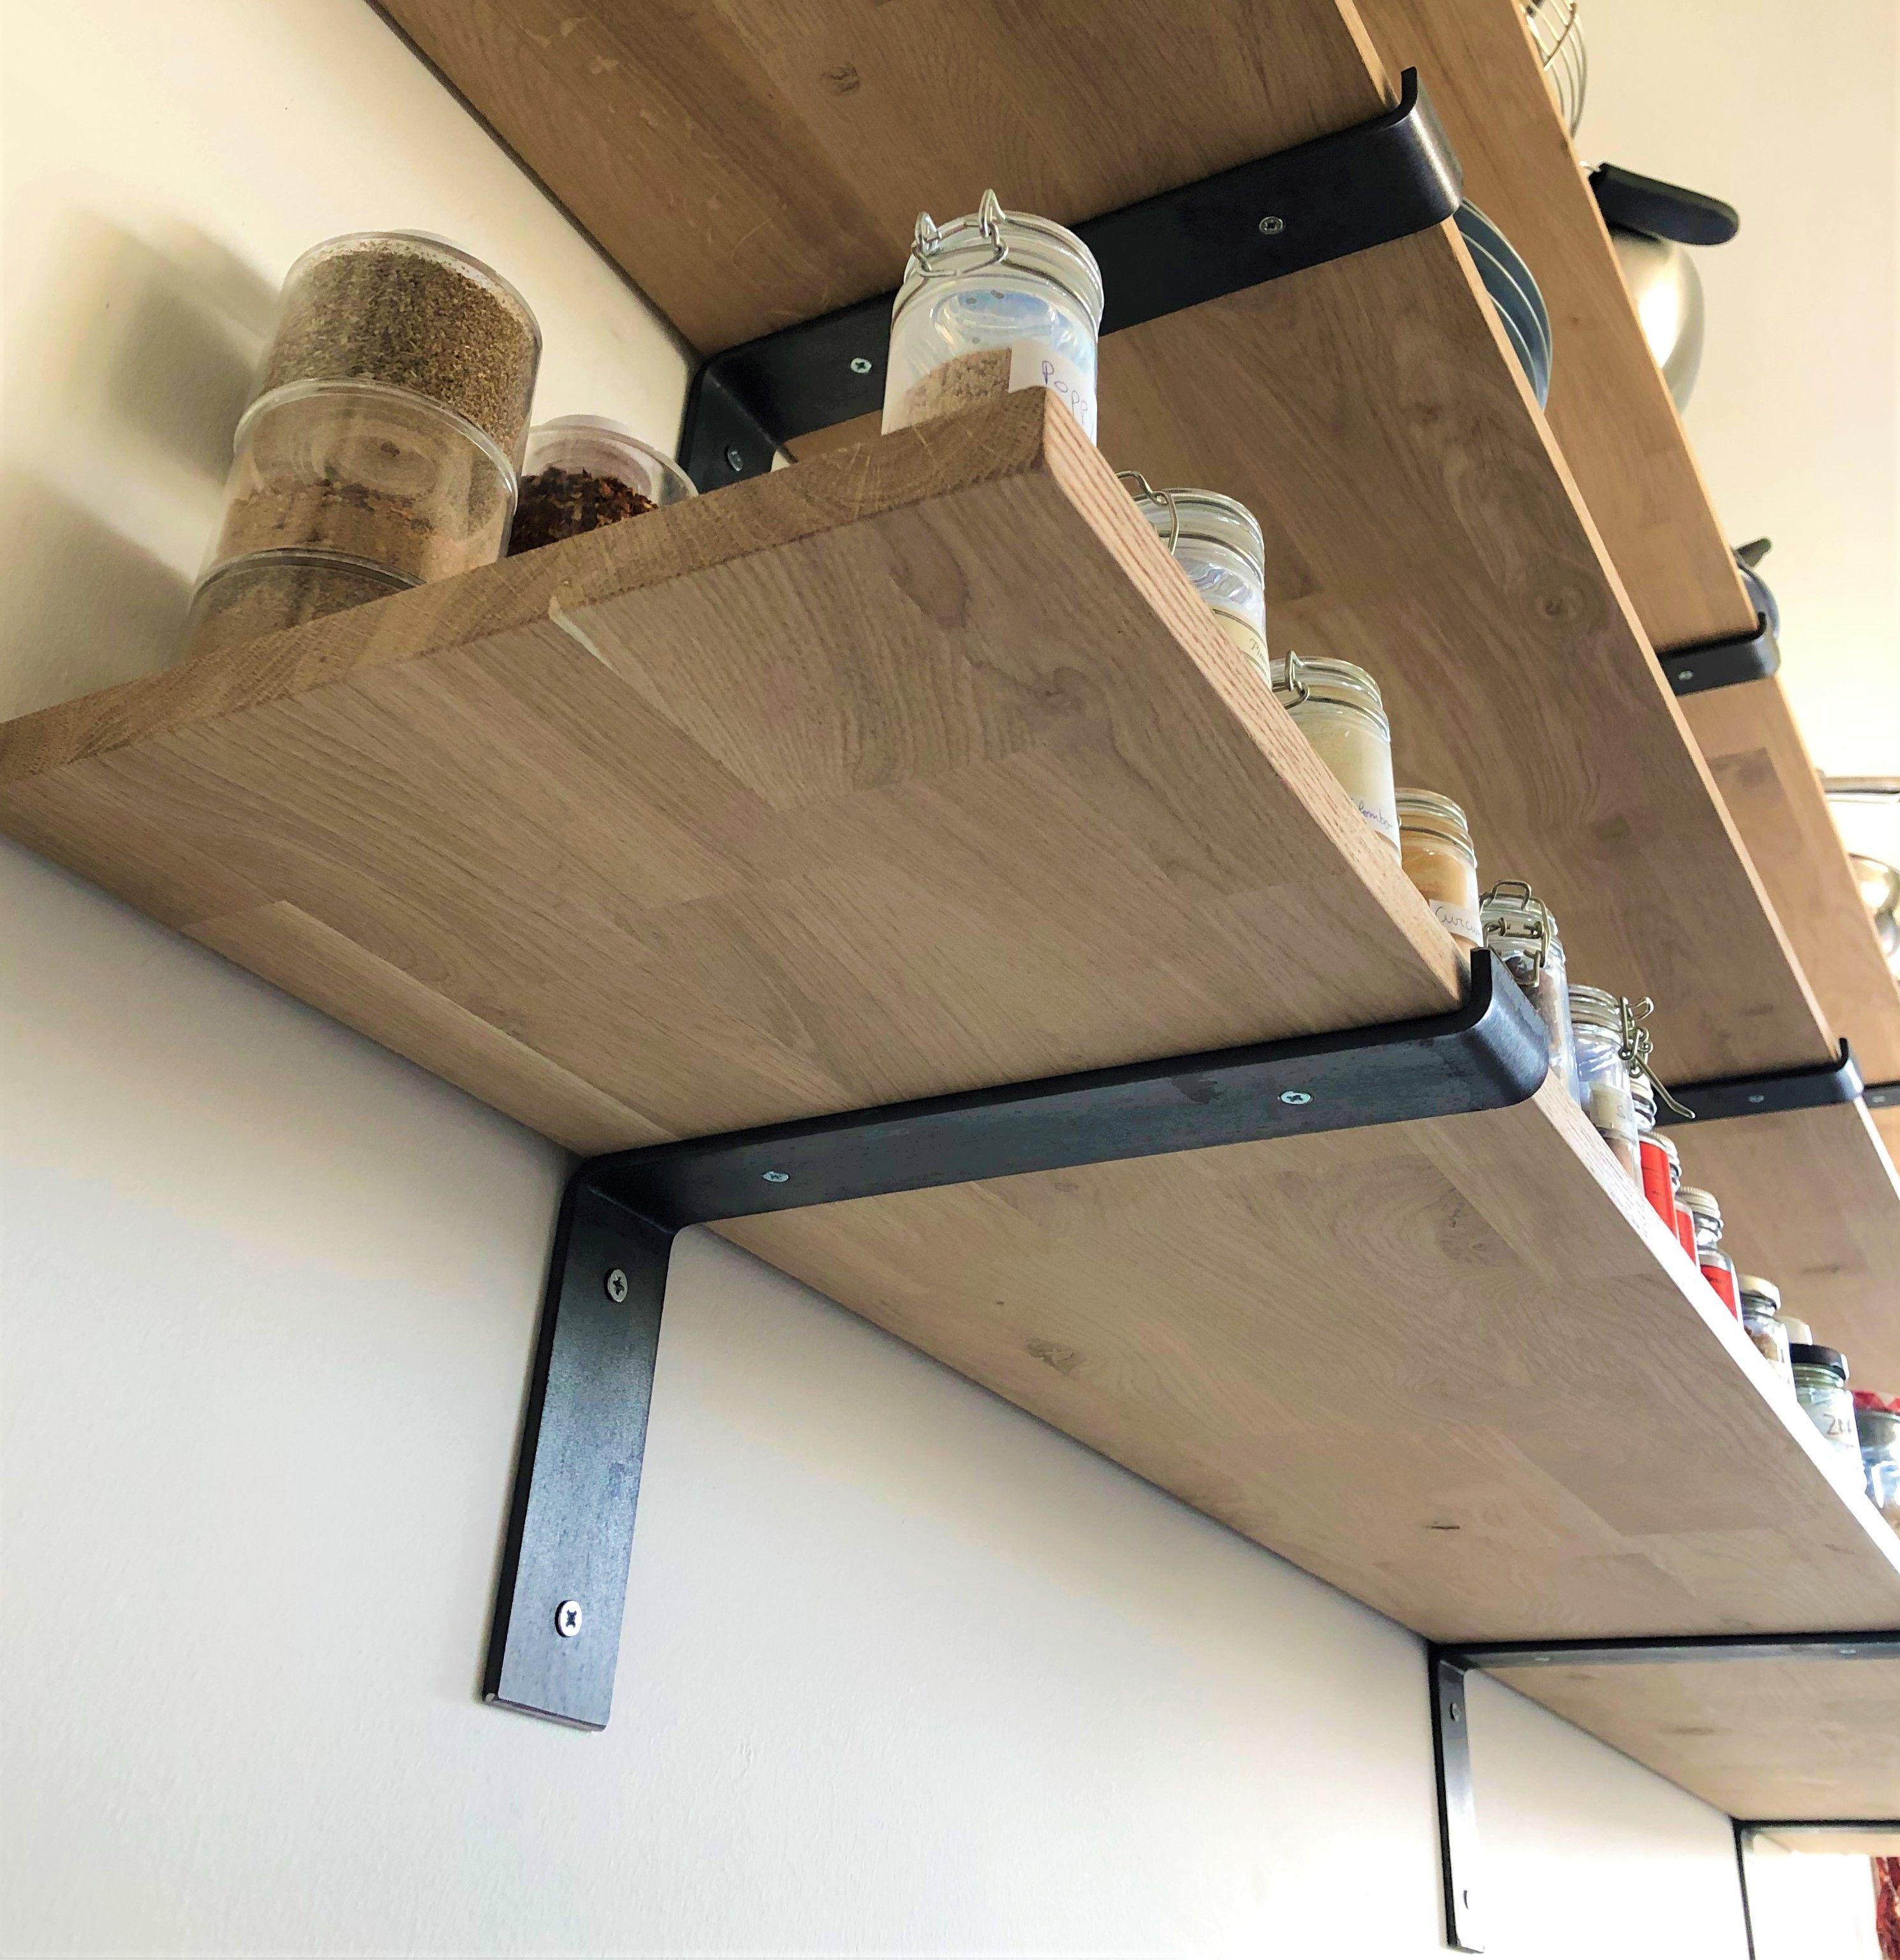 Equerre Murale Pour Planche En Bois Pour Une Deco Industrielle Ideale Dans Un Garage Une Cuisine L Etagere Murale Cuisine Decoration Etageres Parement Mural